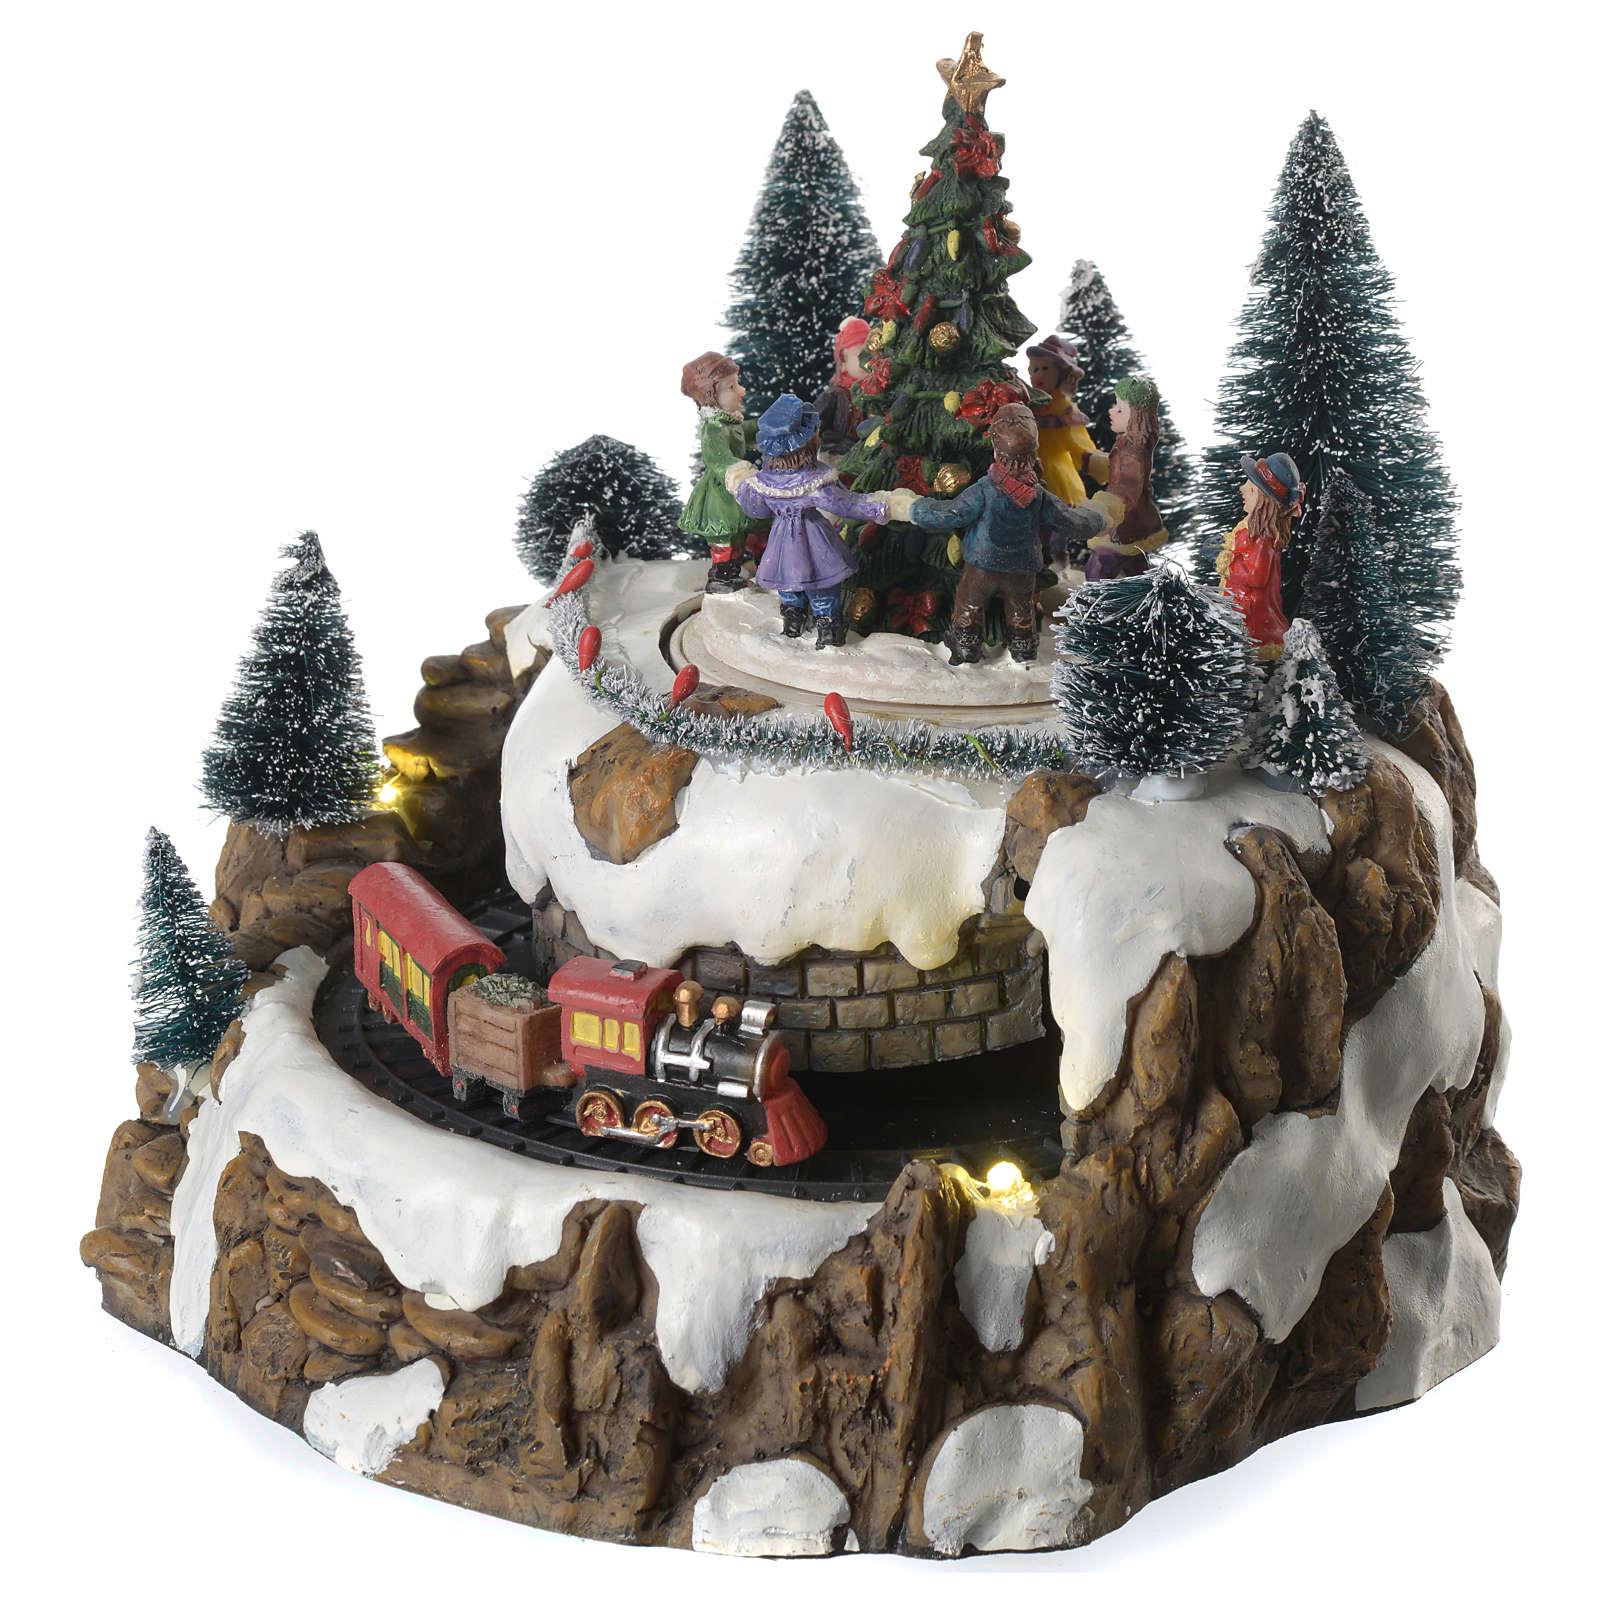 Immagini Natale Movimento.Villaggio Di Natale Treno E Bambini In Movimento Illuminato Con Musica 25x20